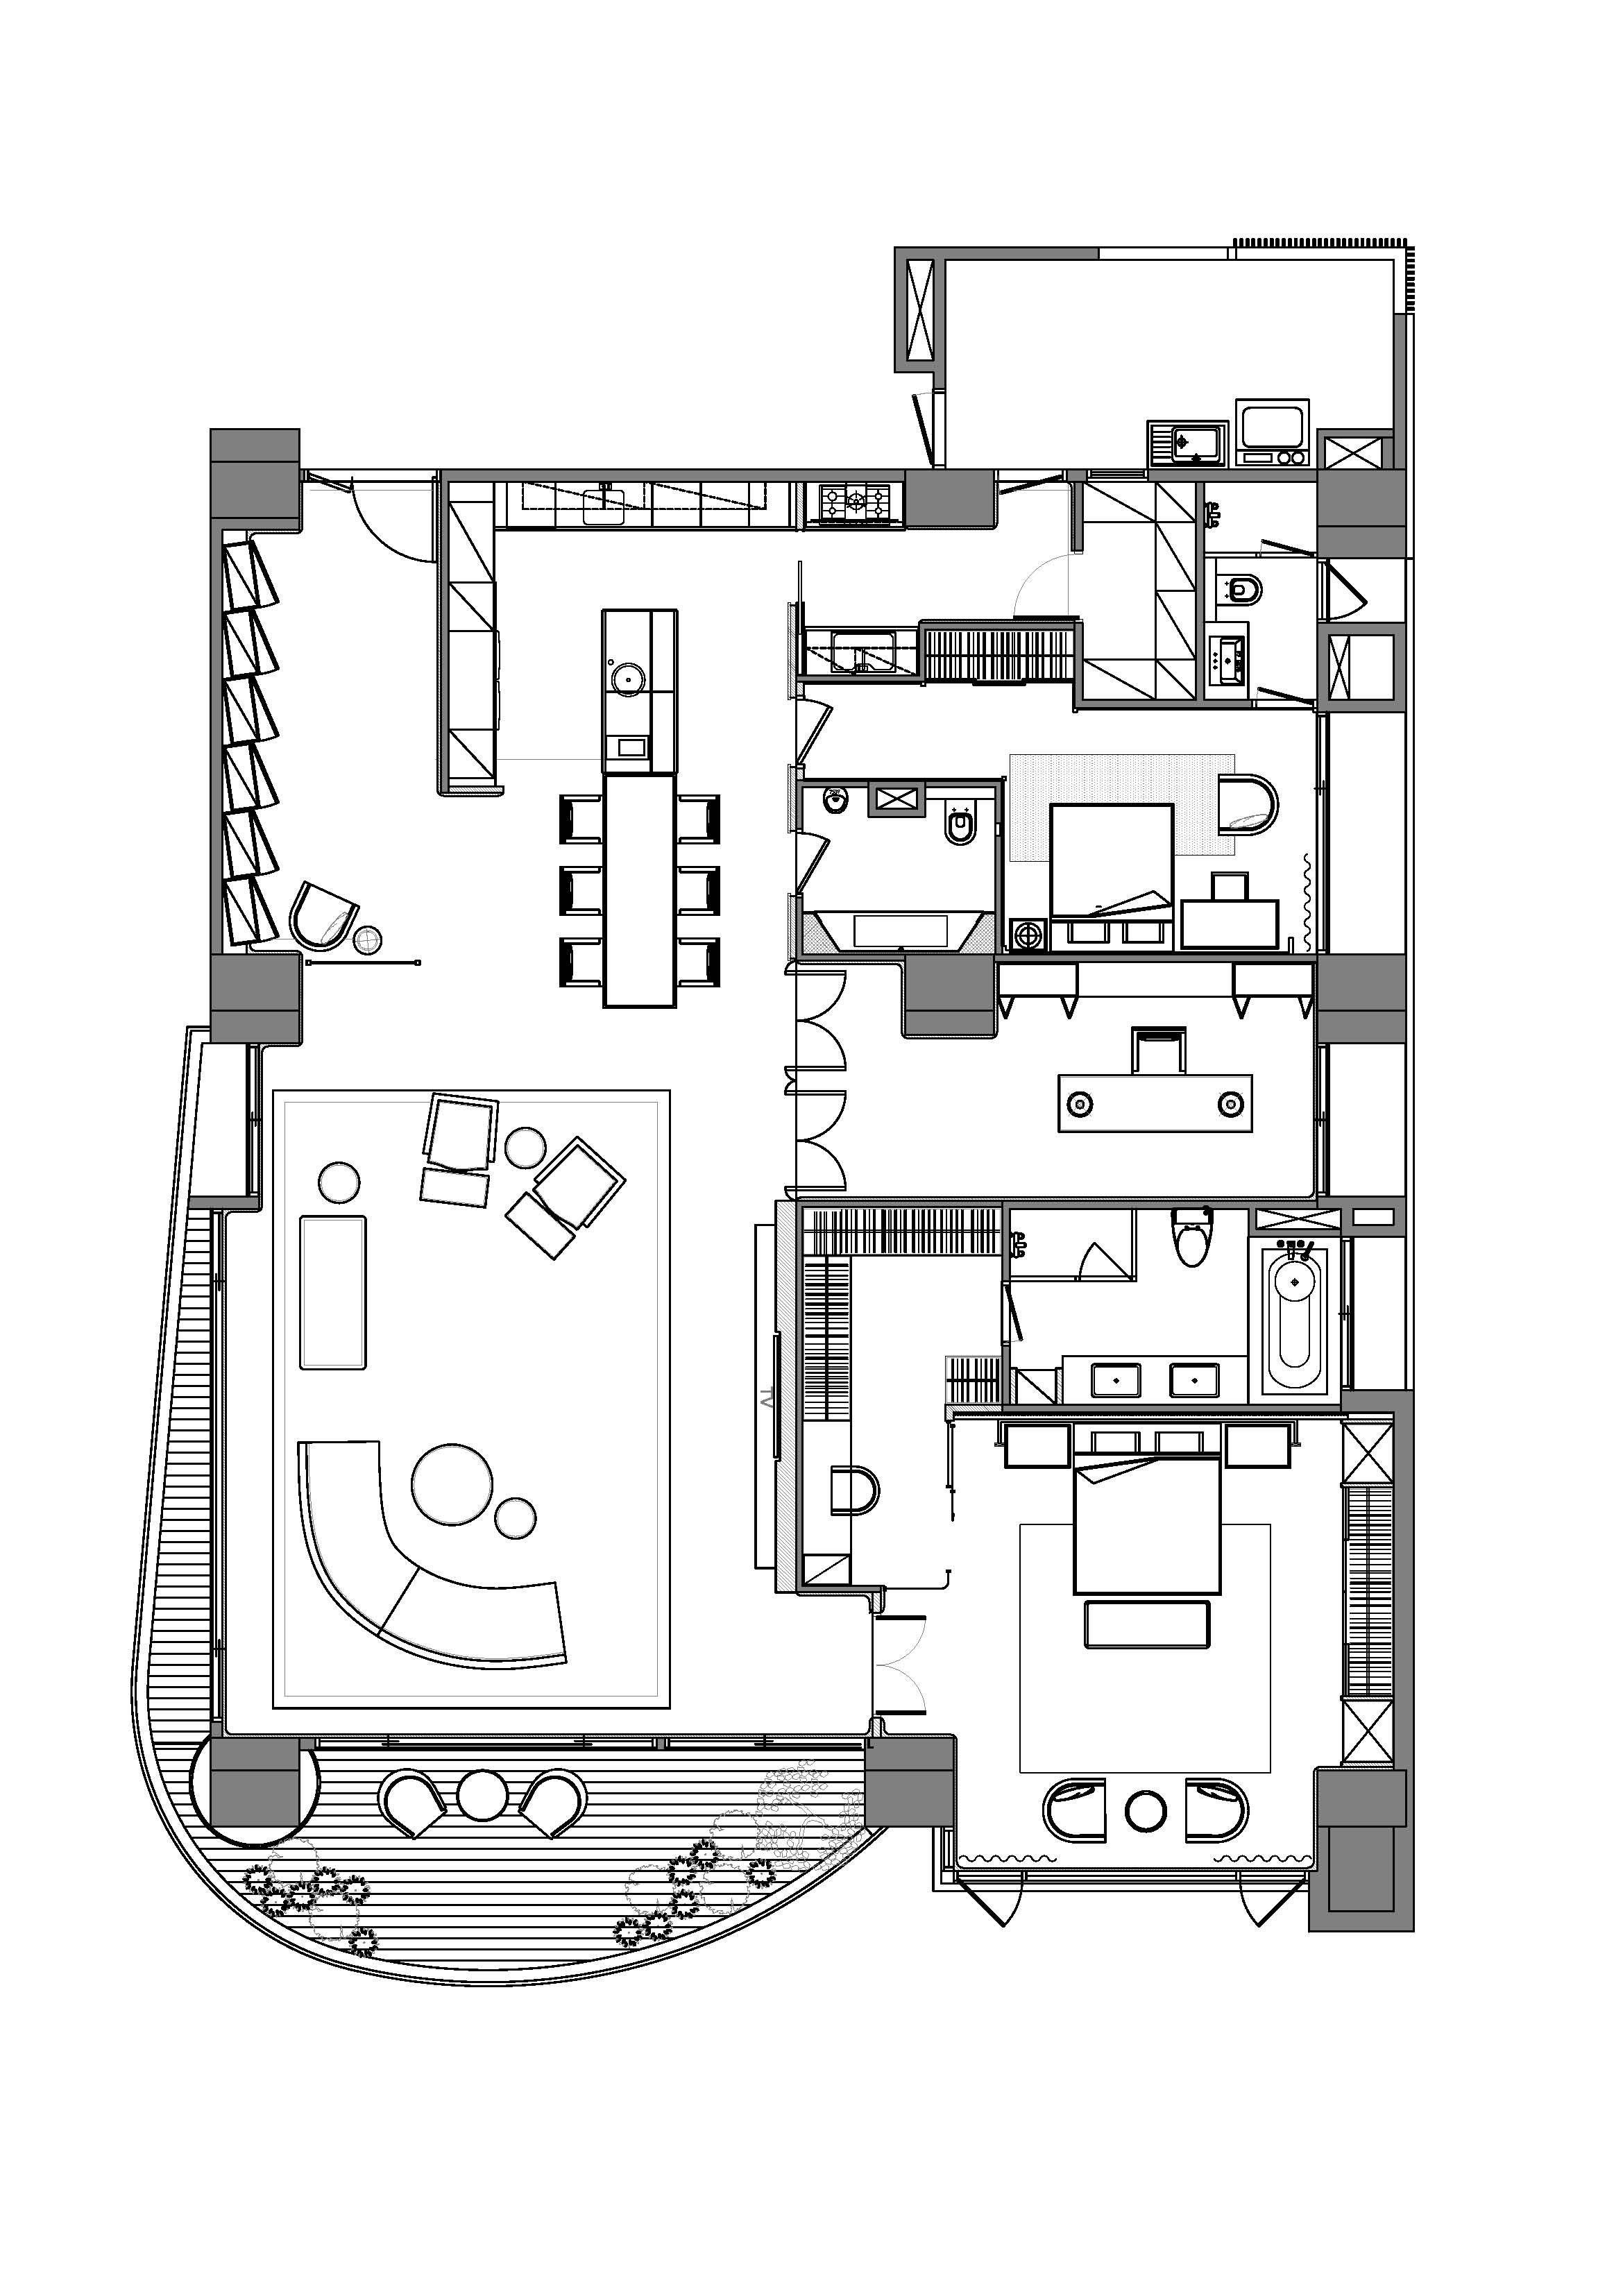 室内设计天花板平面